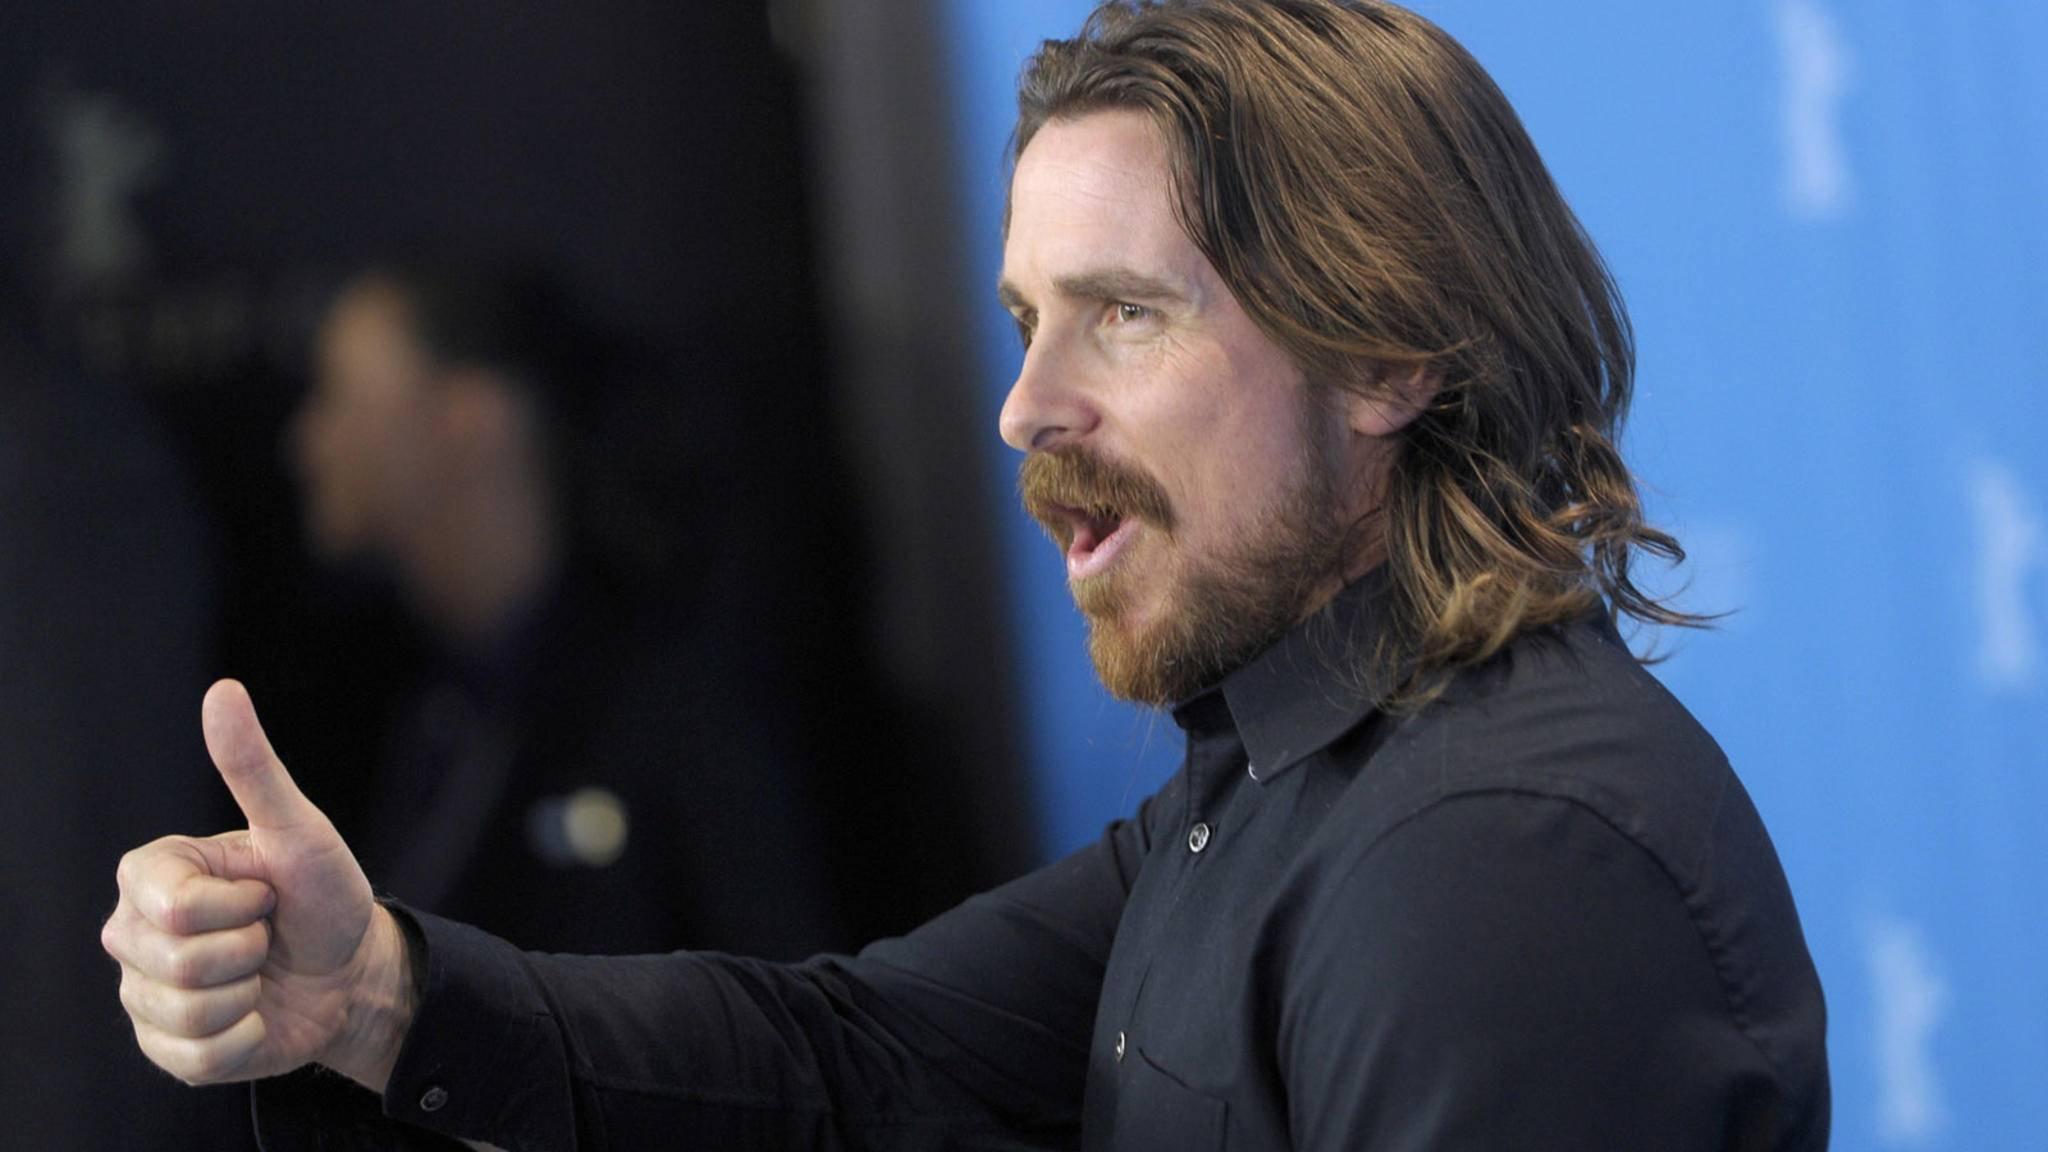 Vom Batmobil in den Rennwagen? Christian Bale könnte schon bald in einem Mangold-Film zu sehen sein.